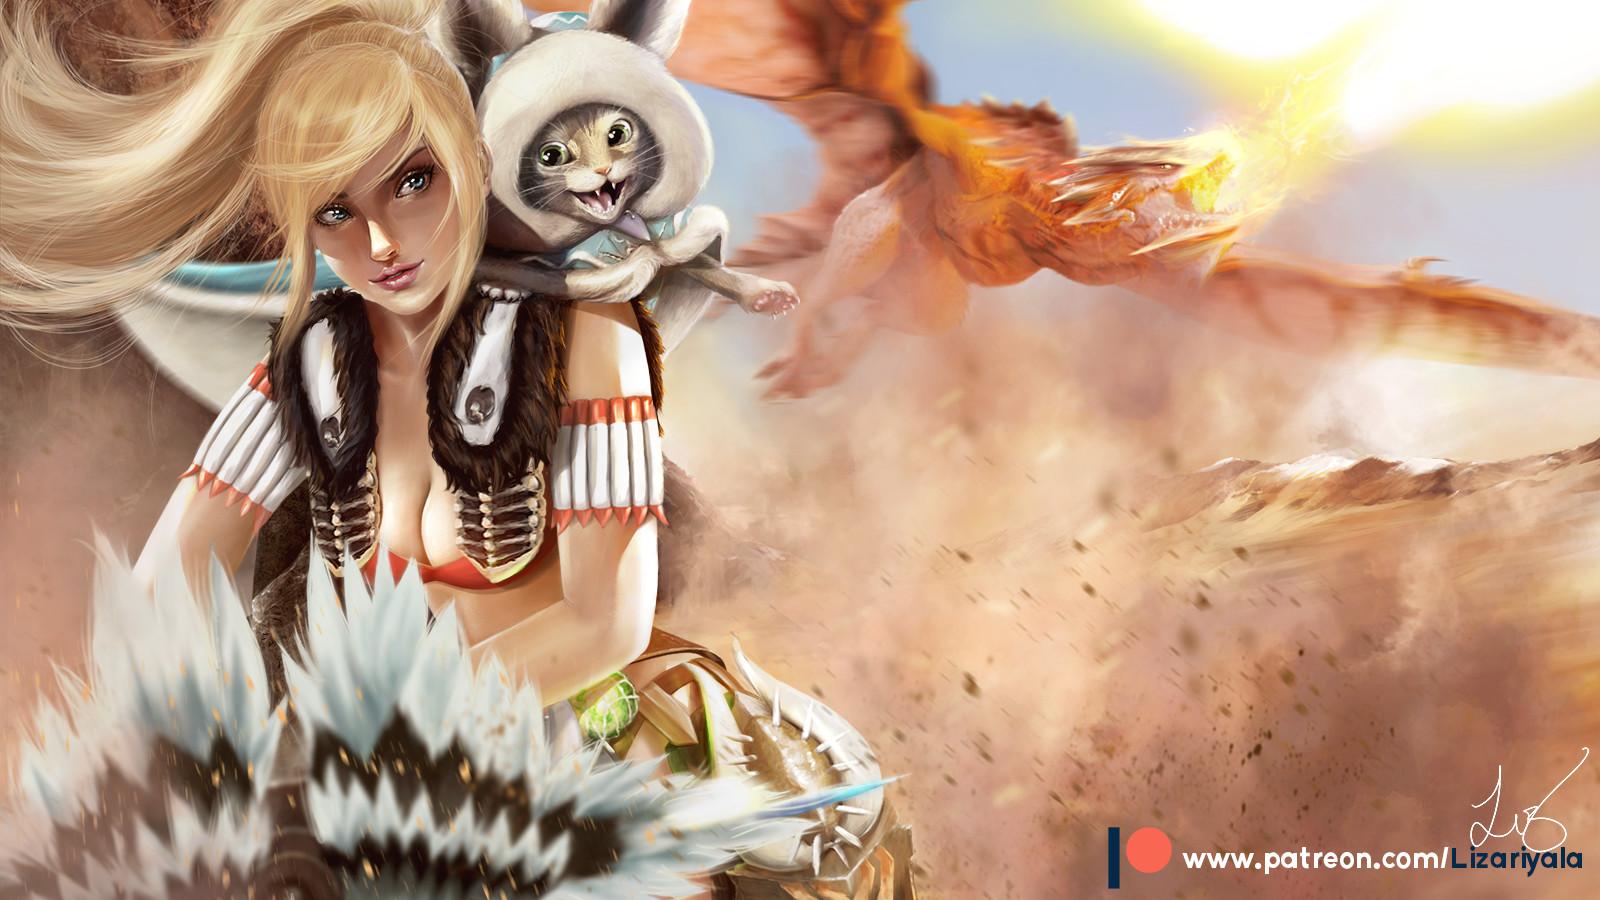 Artstation Monster Hunter World Fanart Liz Ariyala